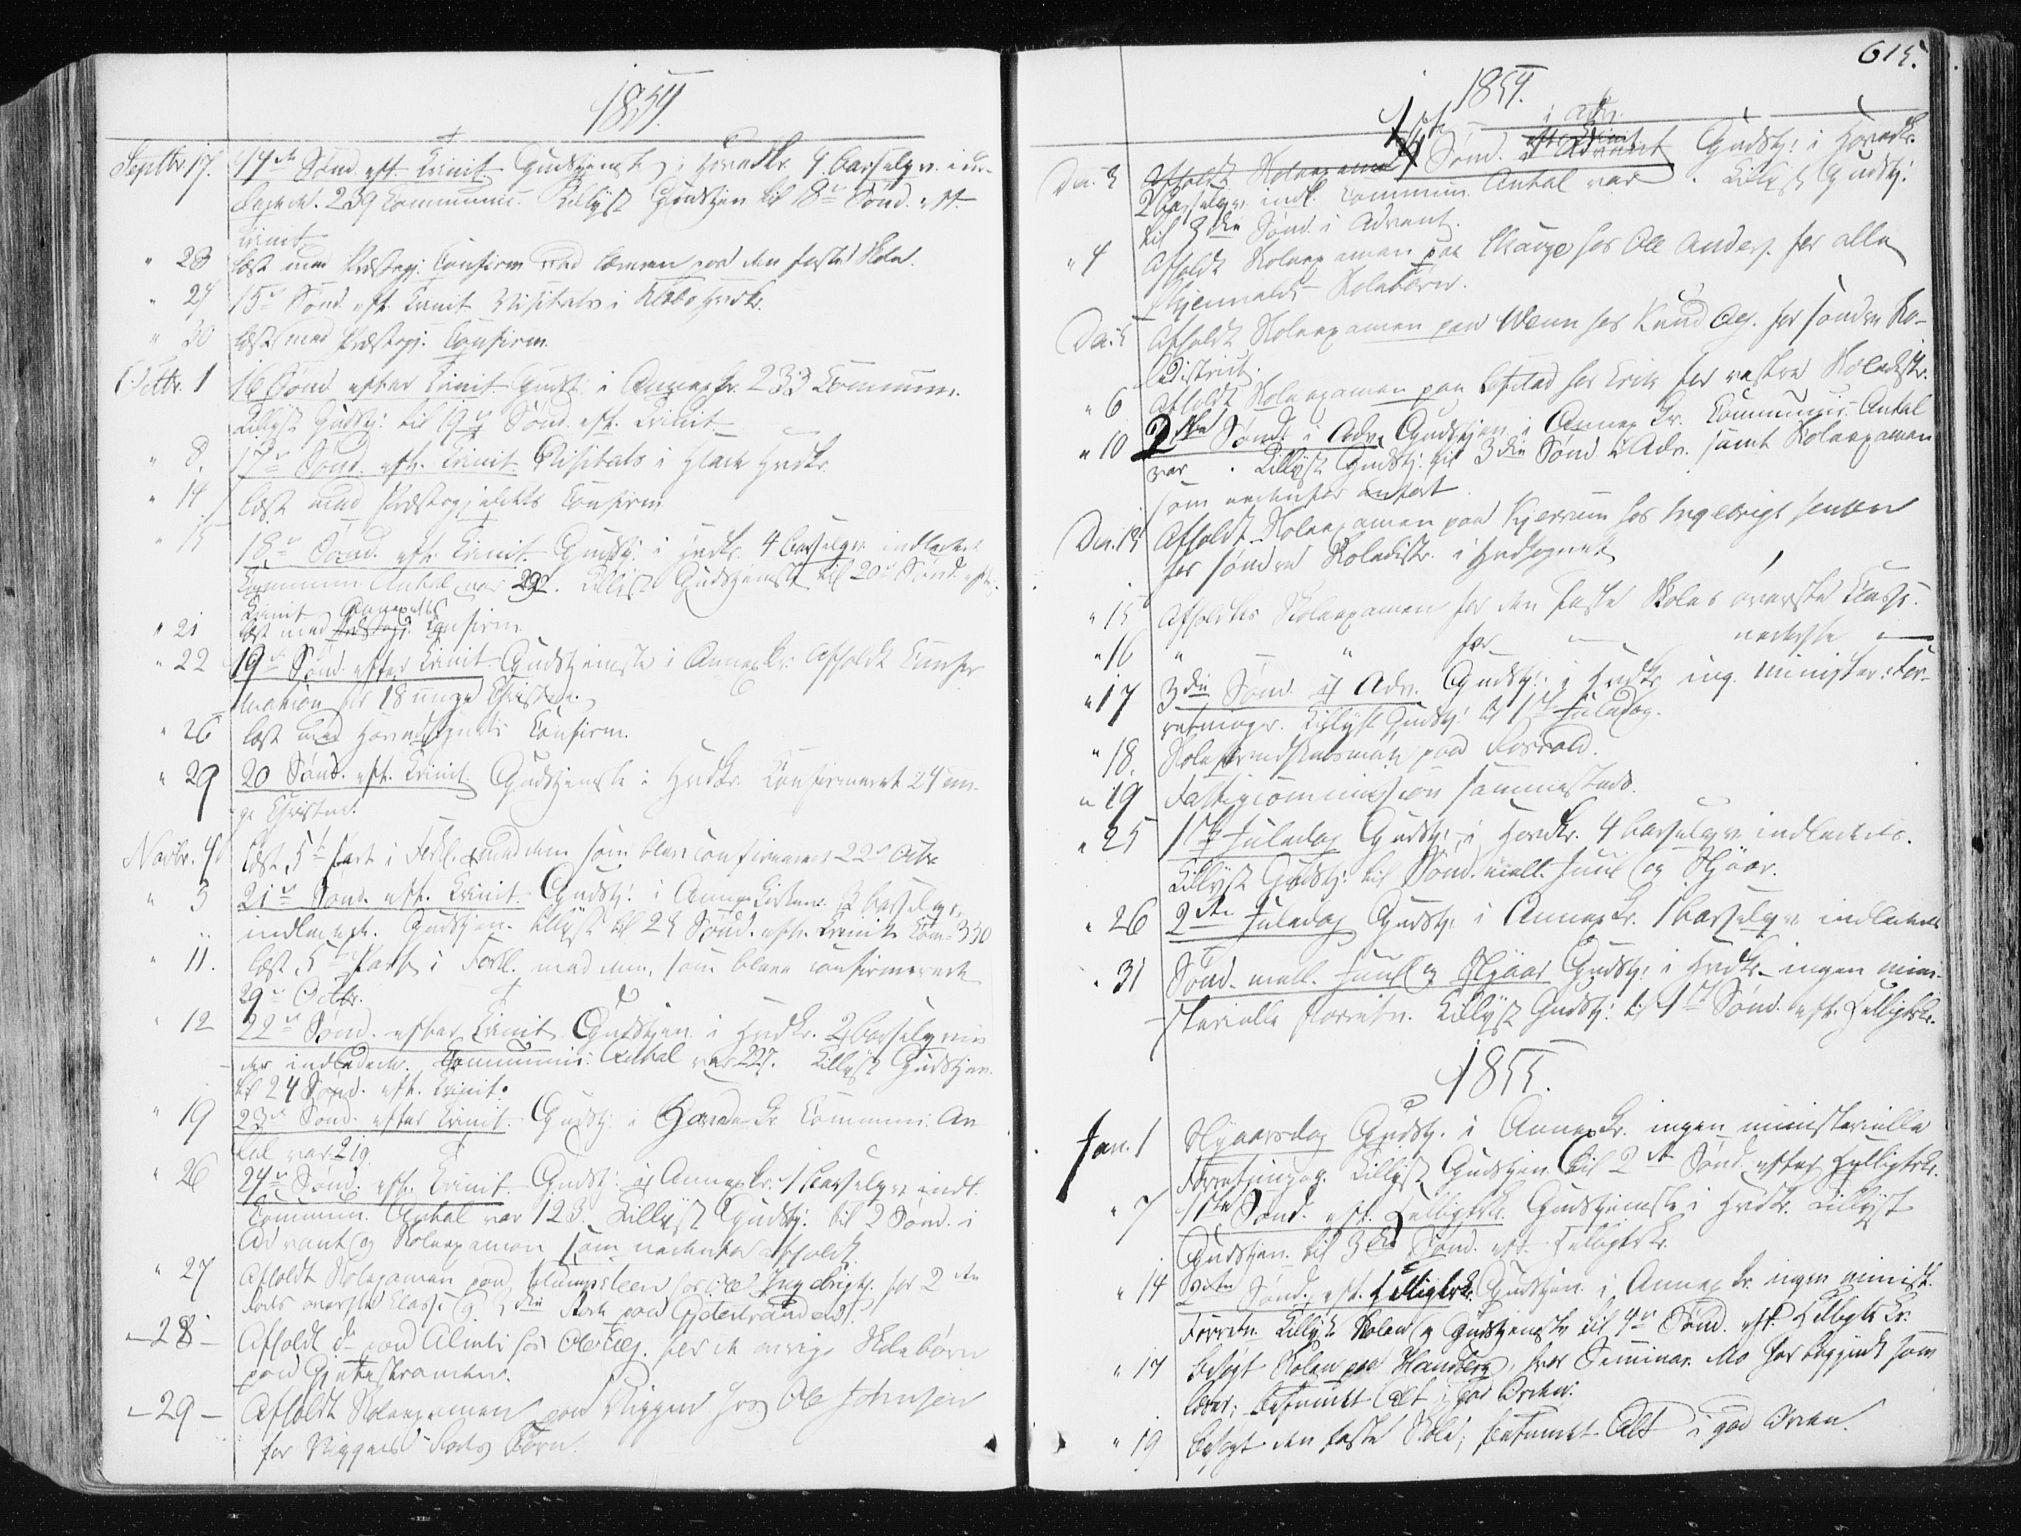 SAT, Ministerialprotokoller, klokkerbøker og fødselsregistre - Sør-Trøndelag, 665/L0771: Ministerialbok nr. 665A06, 1830-1856, s. 615